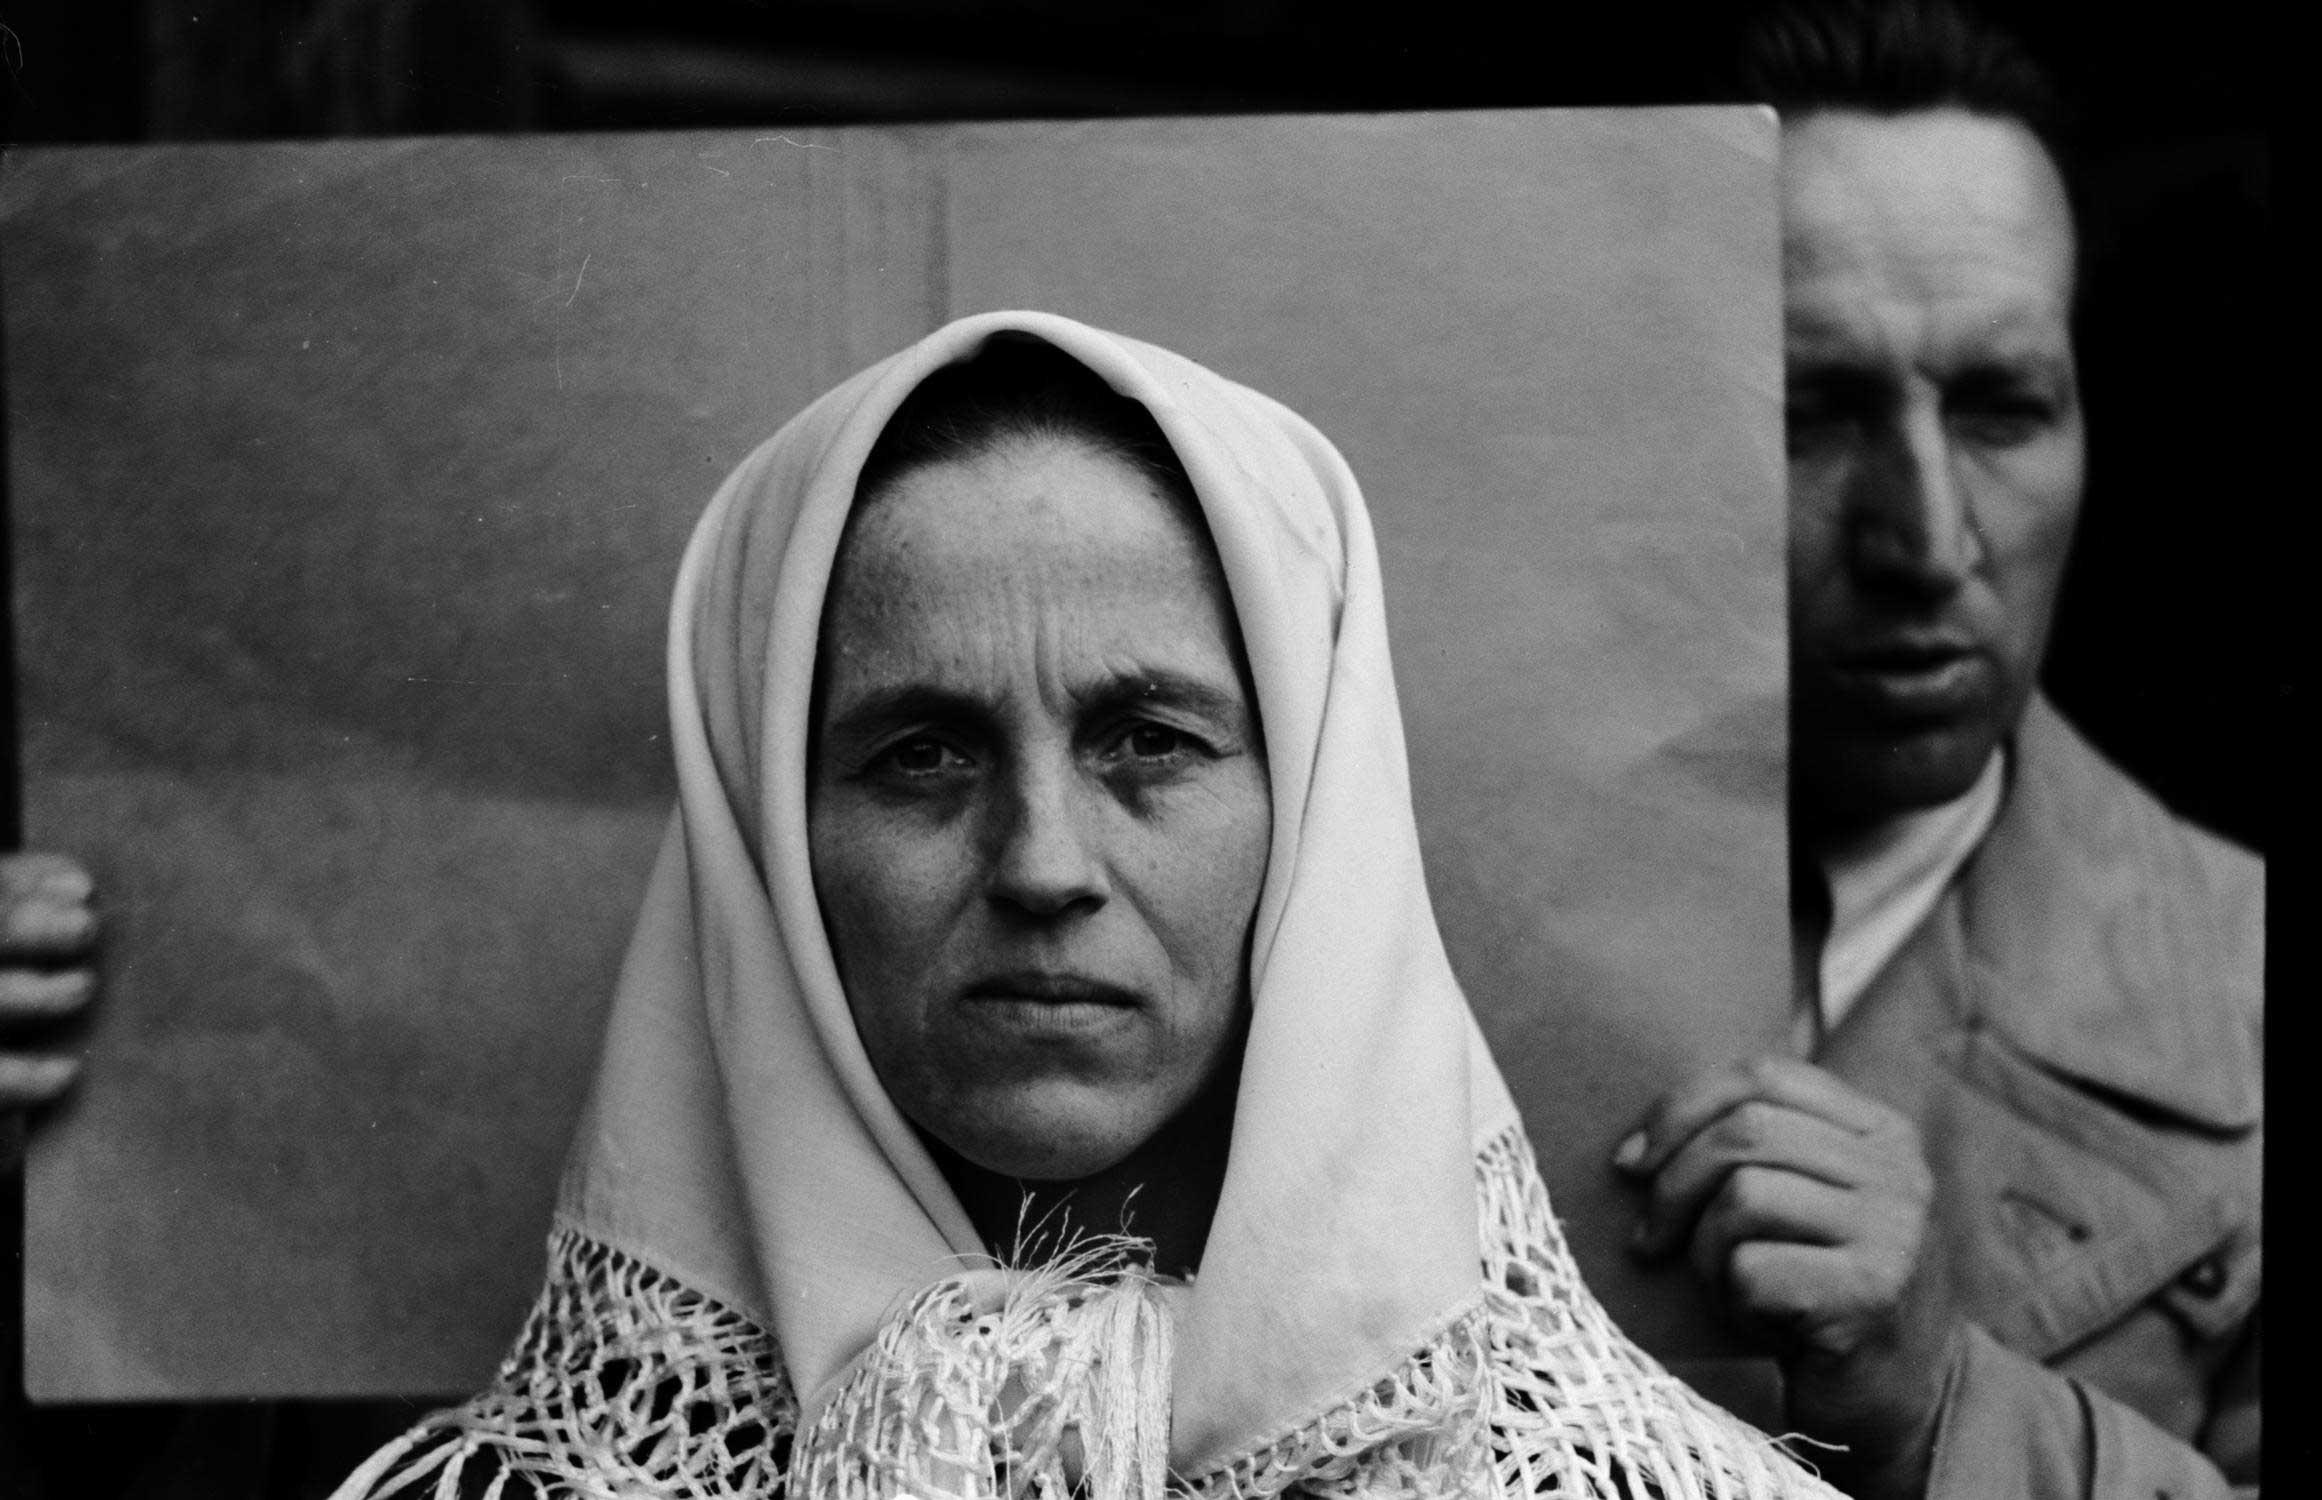 Autor nieznany, Fotografia twarzy kobiety, za nią badacz IDO, ze zbiorów AUJ (źródło: materiały prasowe organizatora)